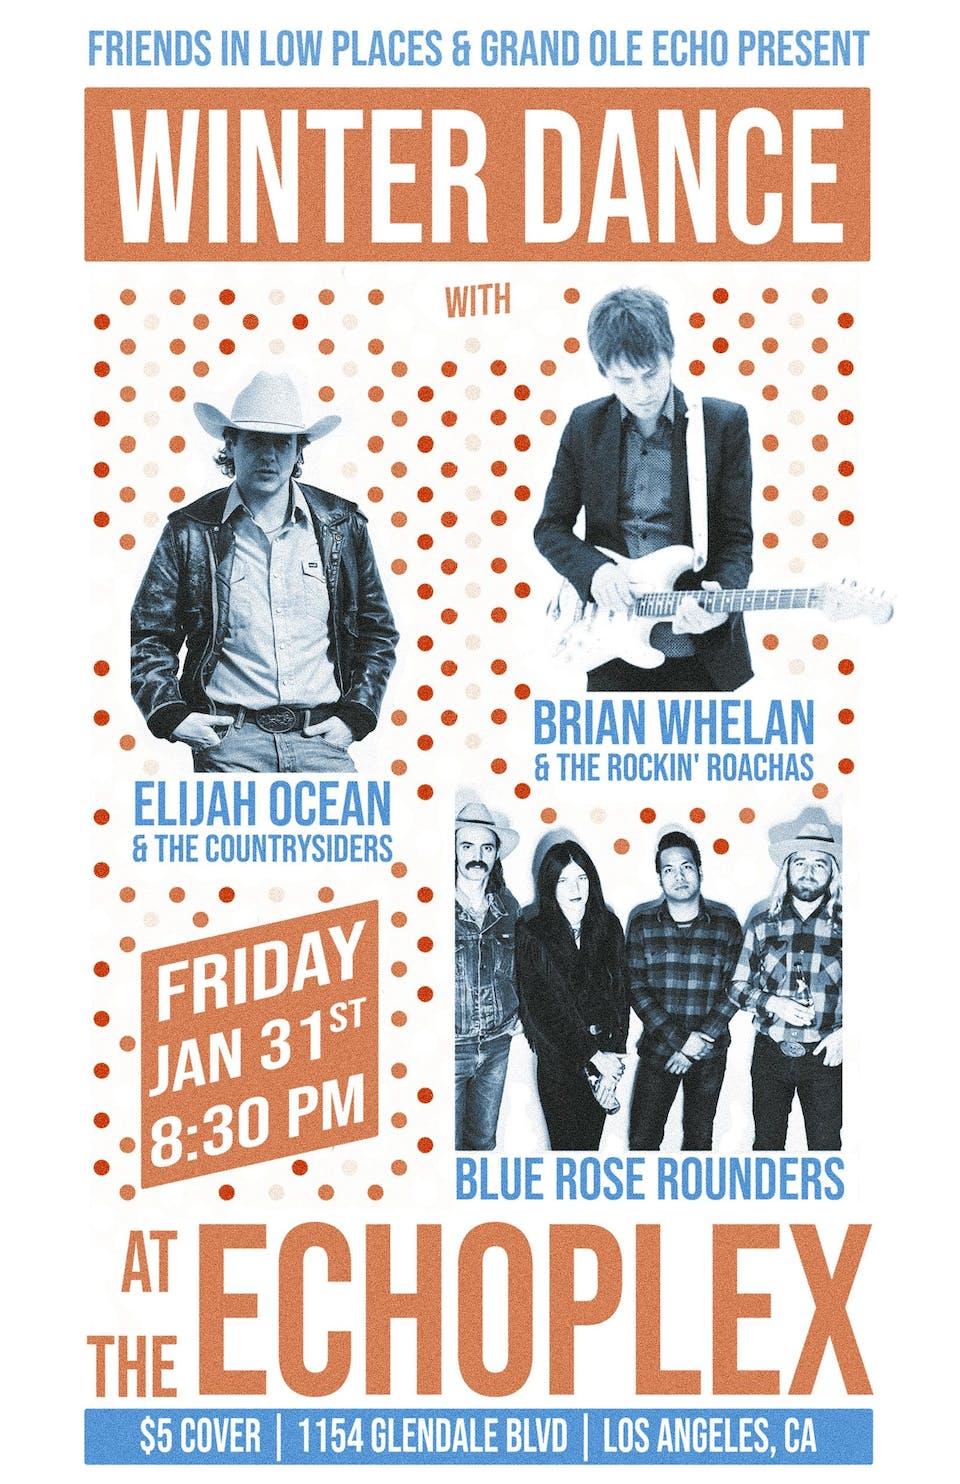 Winter Dance w/ Elijah Ocean, Brian Whelan, Blue Rose Rounders  & more!